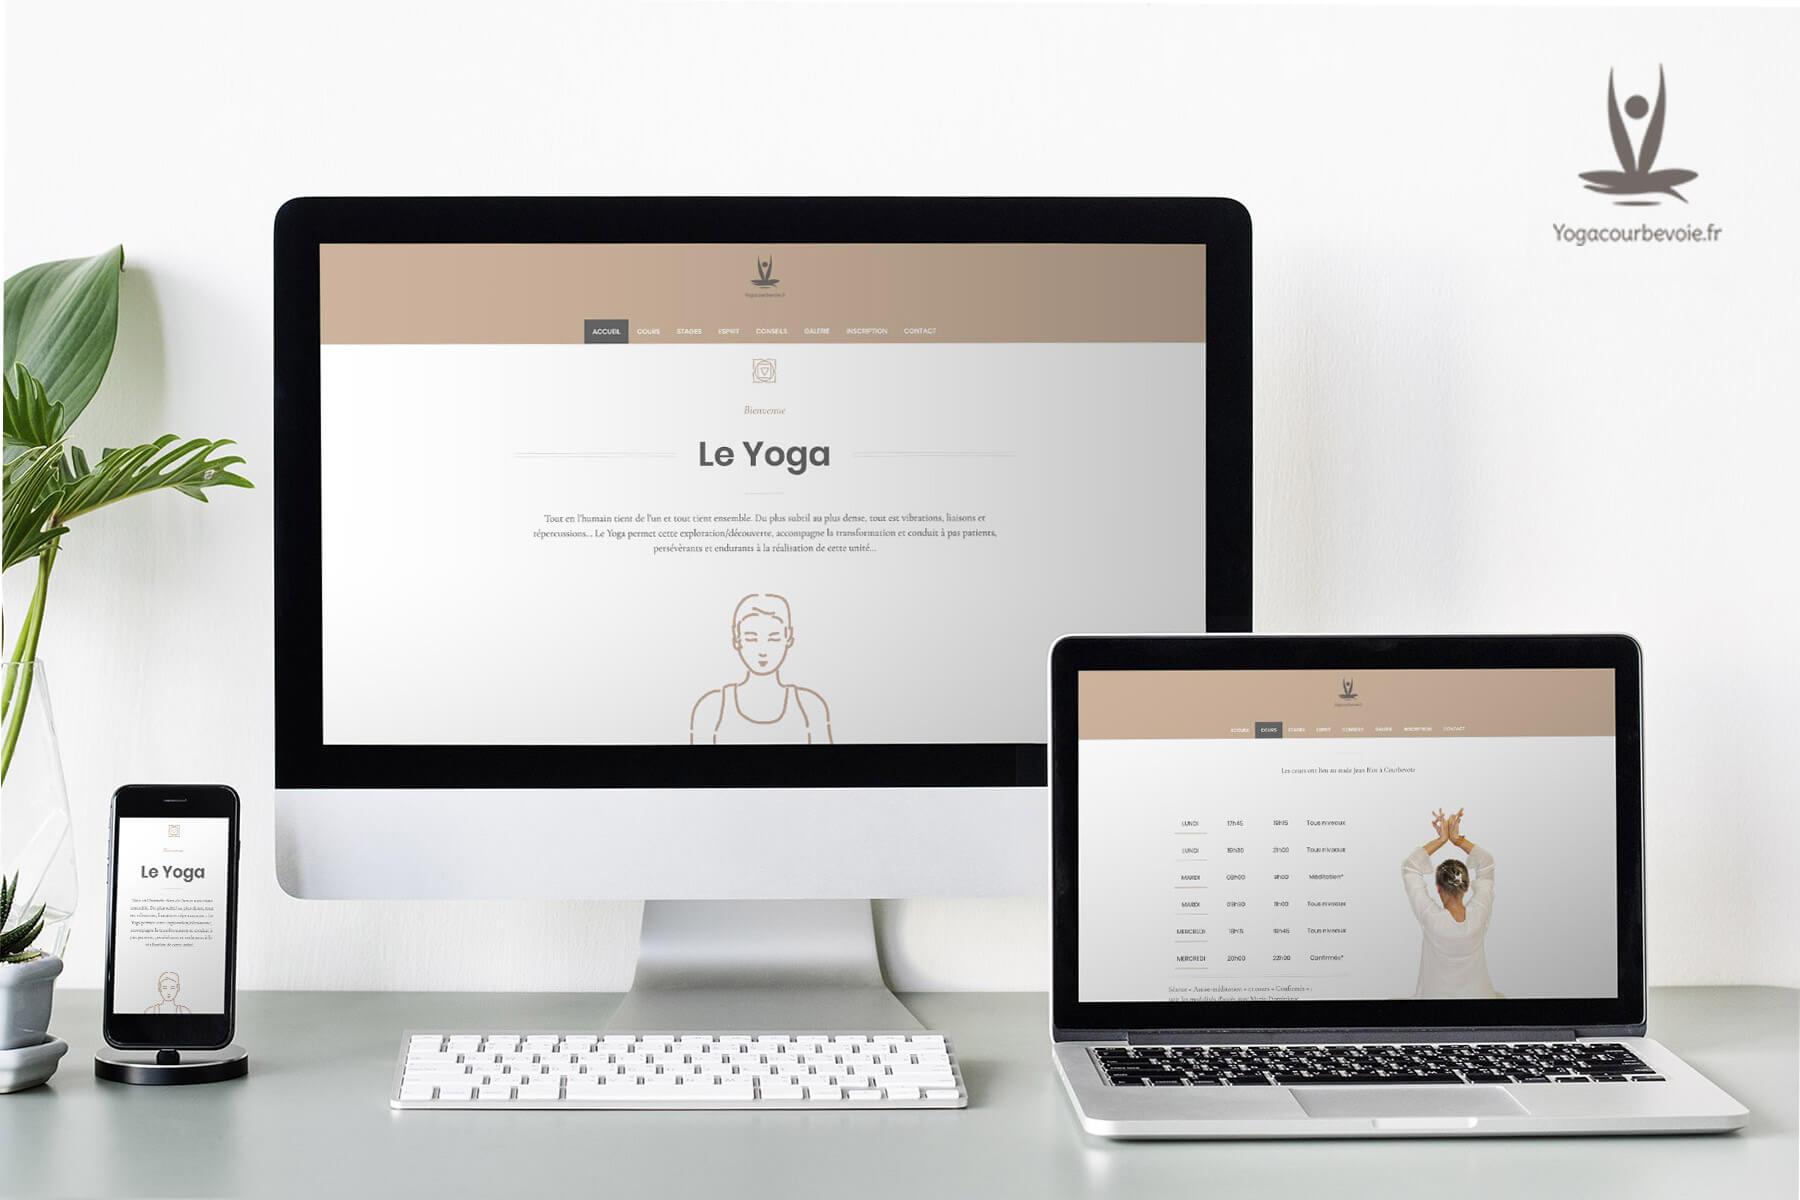 Realisation du site wib de yoga courbevoie